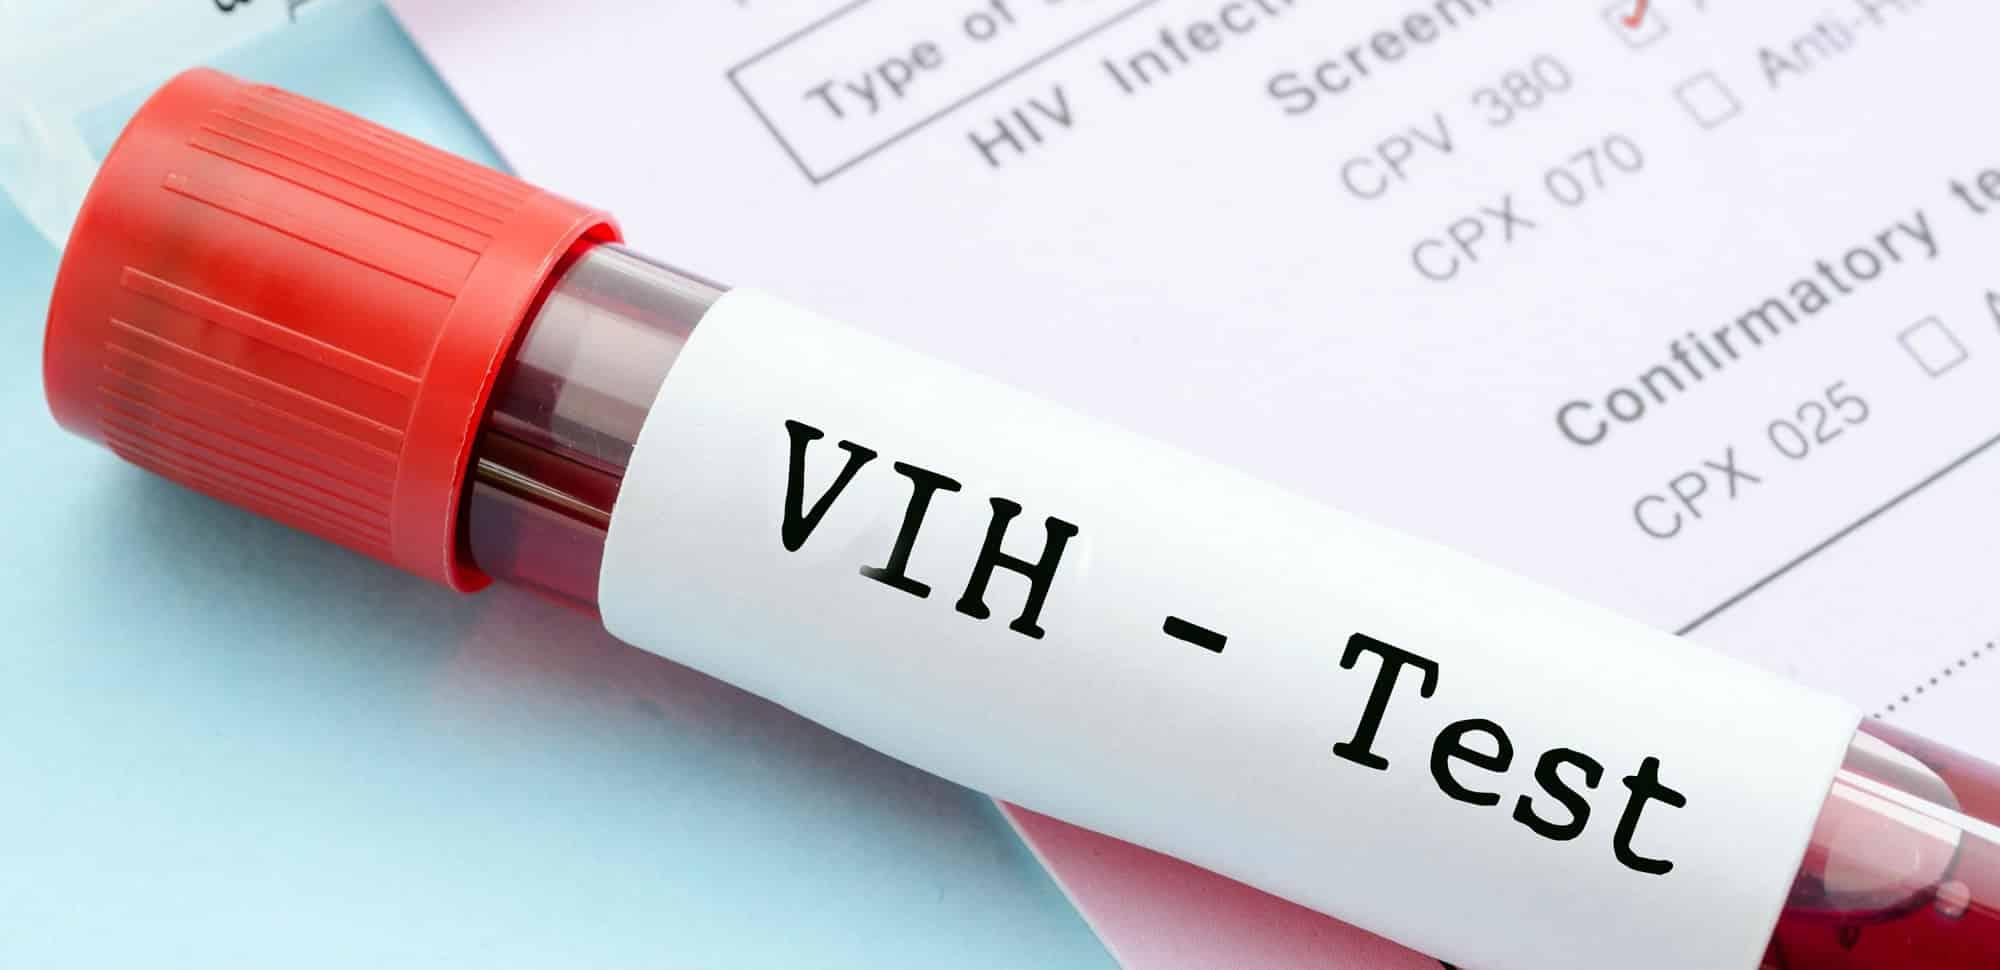 Anticuerpo podría destruir hasta el 99% de las cepas del VIH (SIDA).